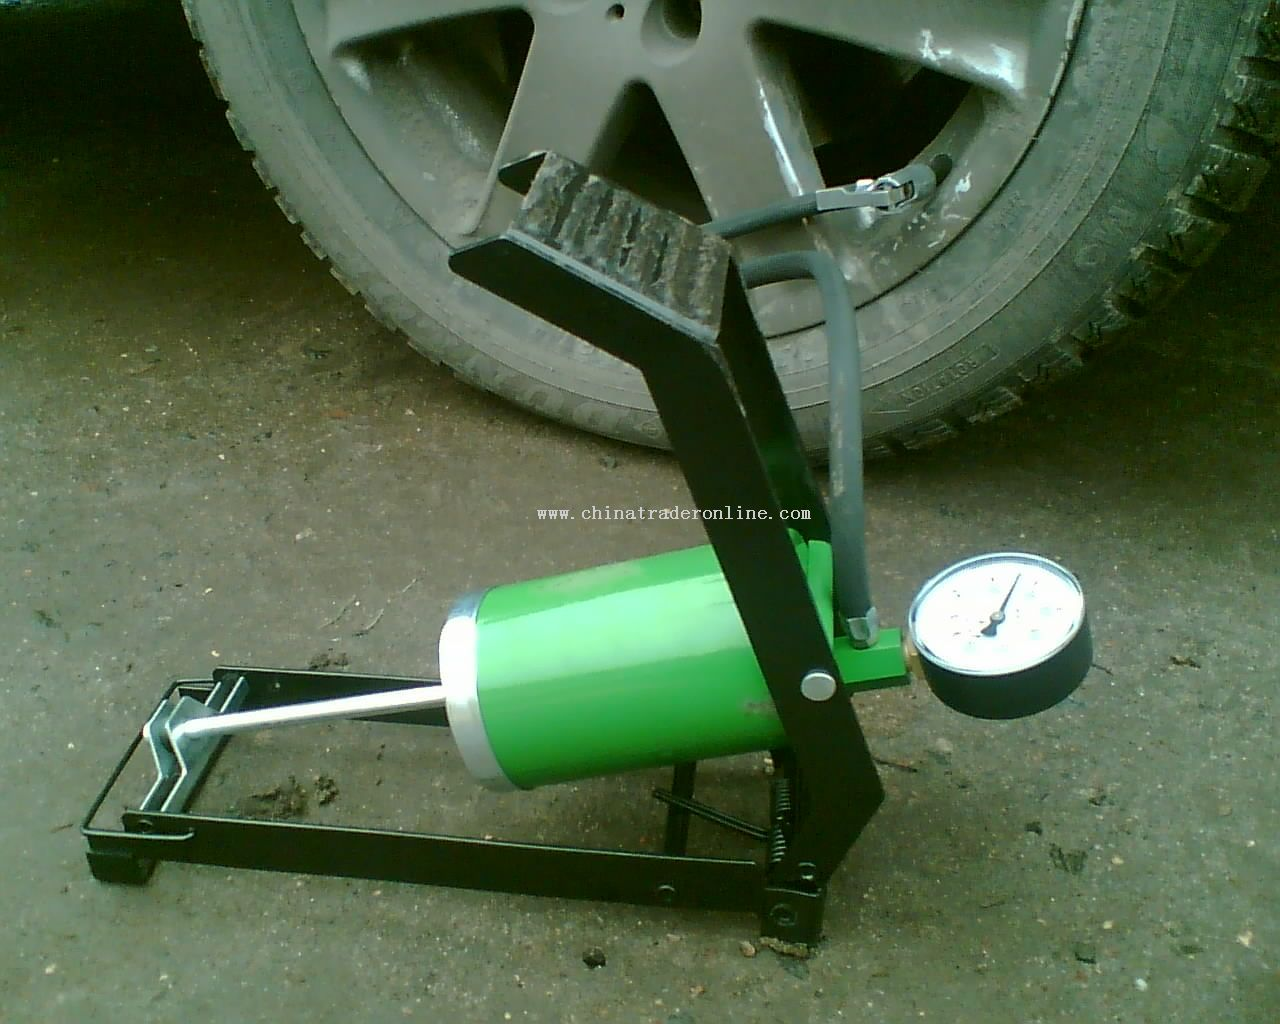 Foot pump from China